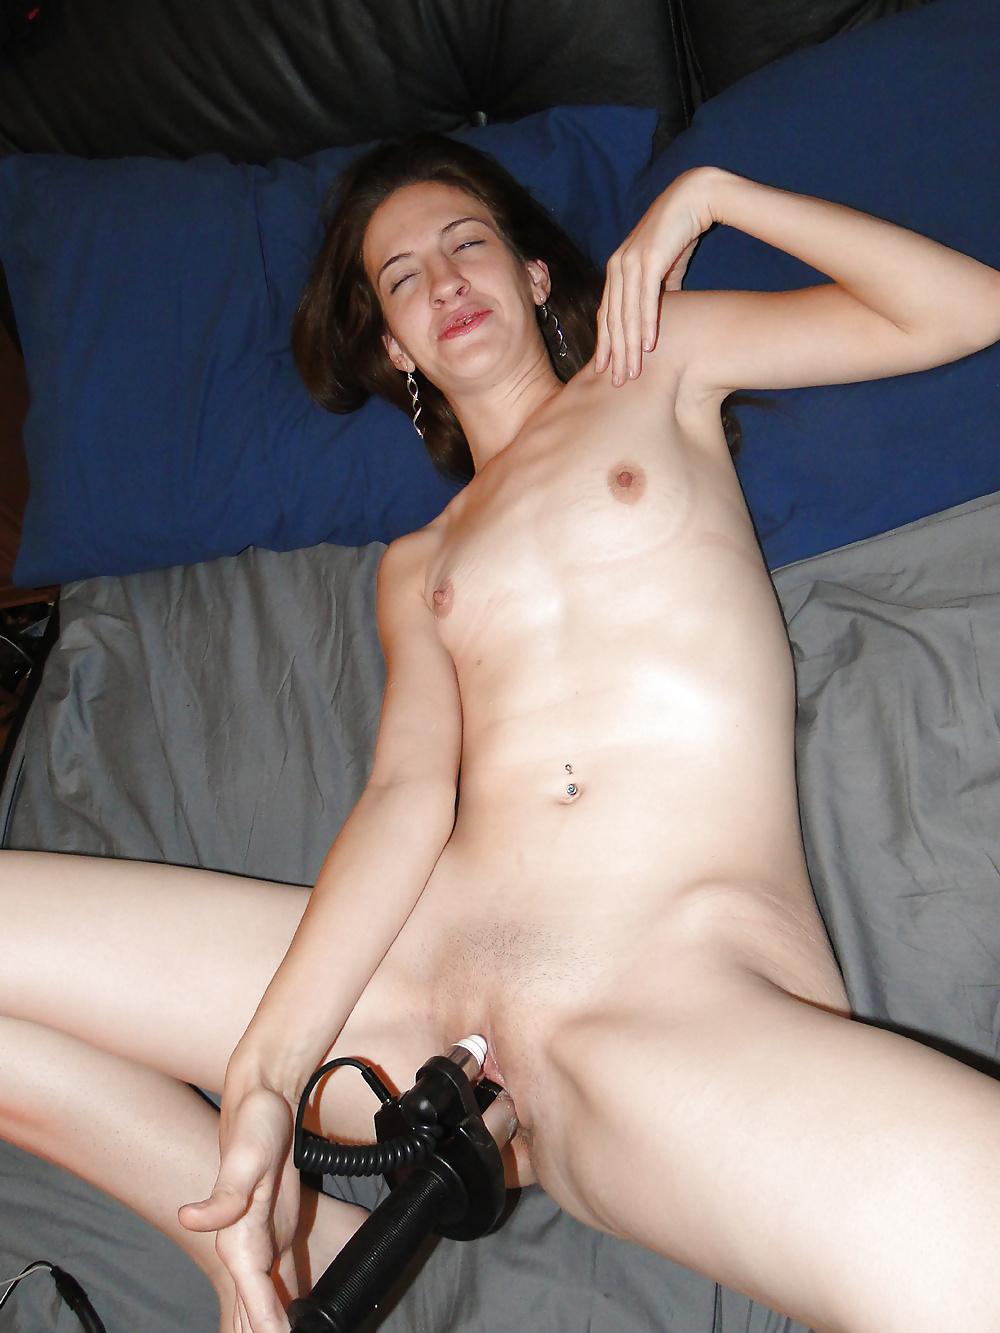 Audio amateur female orgasm